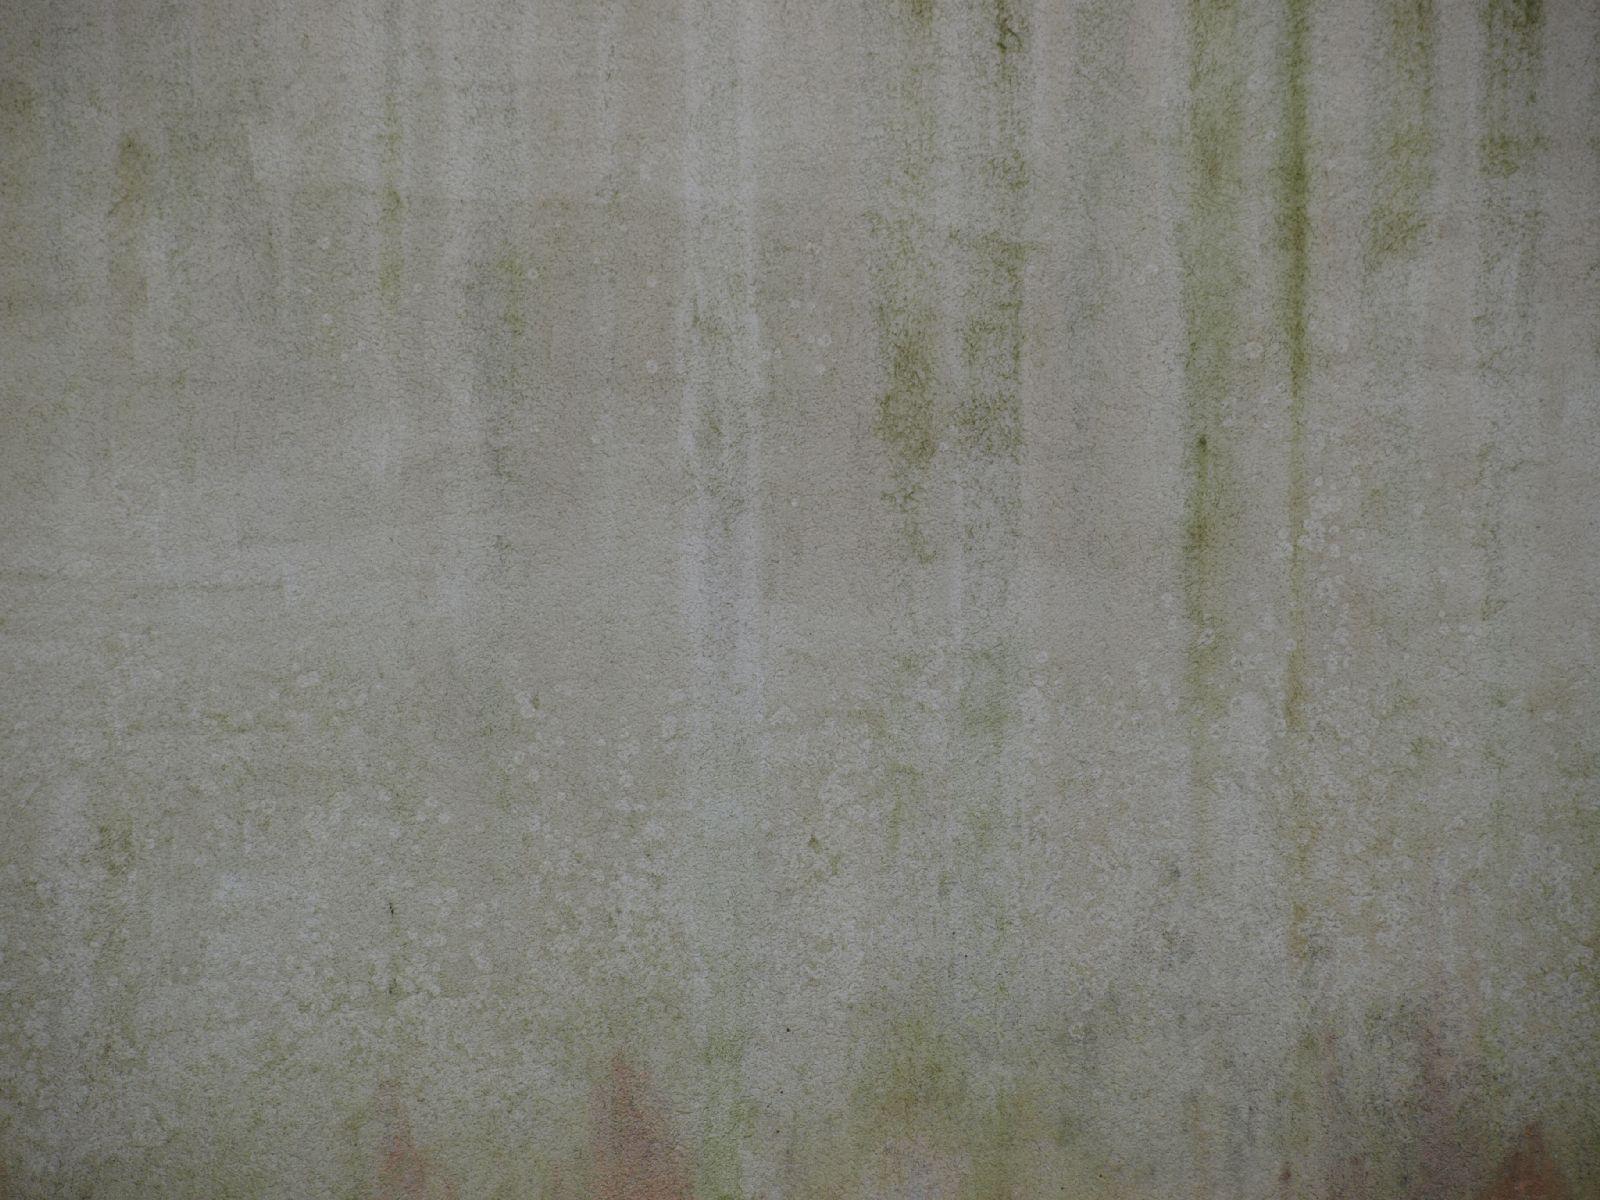 Grunge-Dreck_Textur_A_PA180319